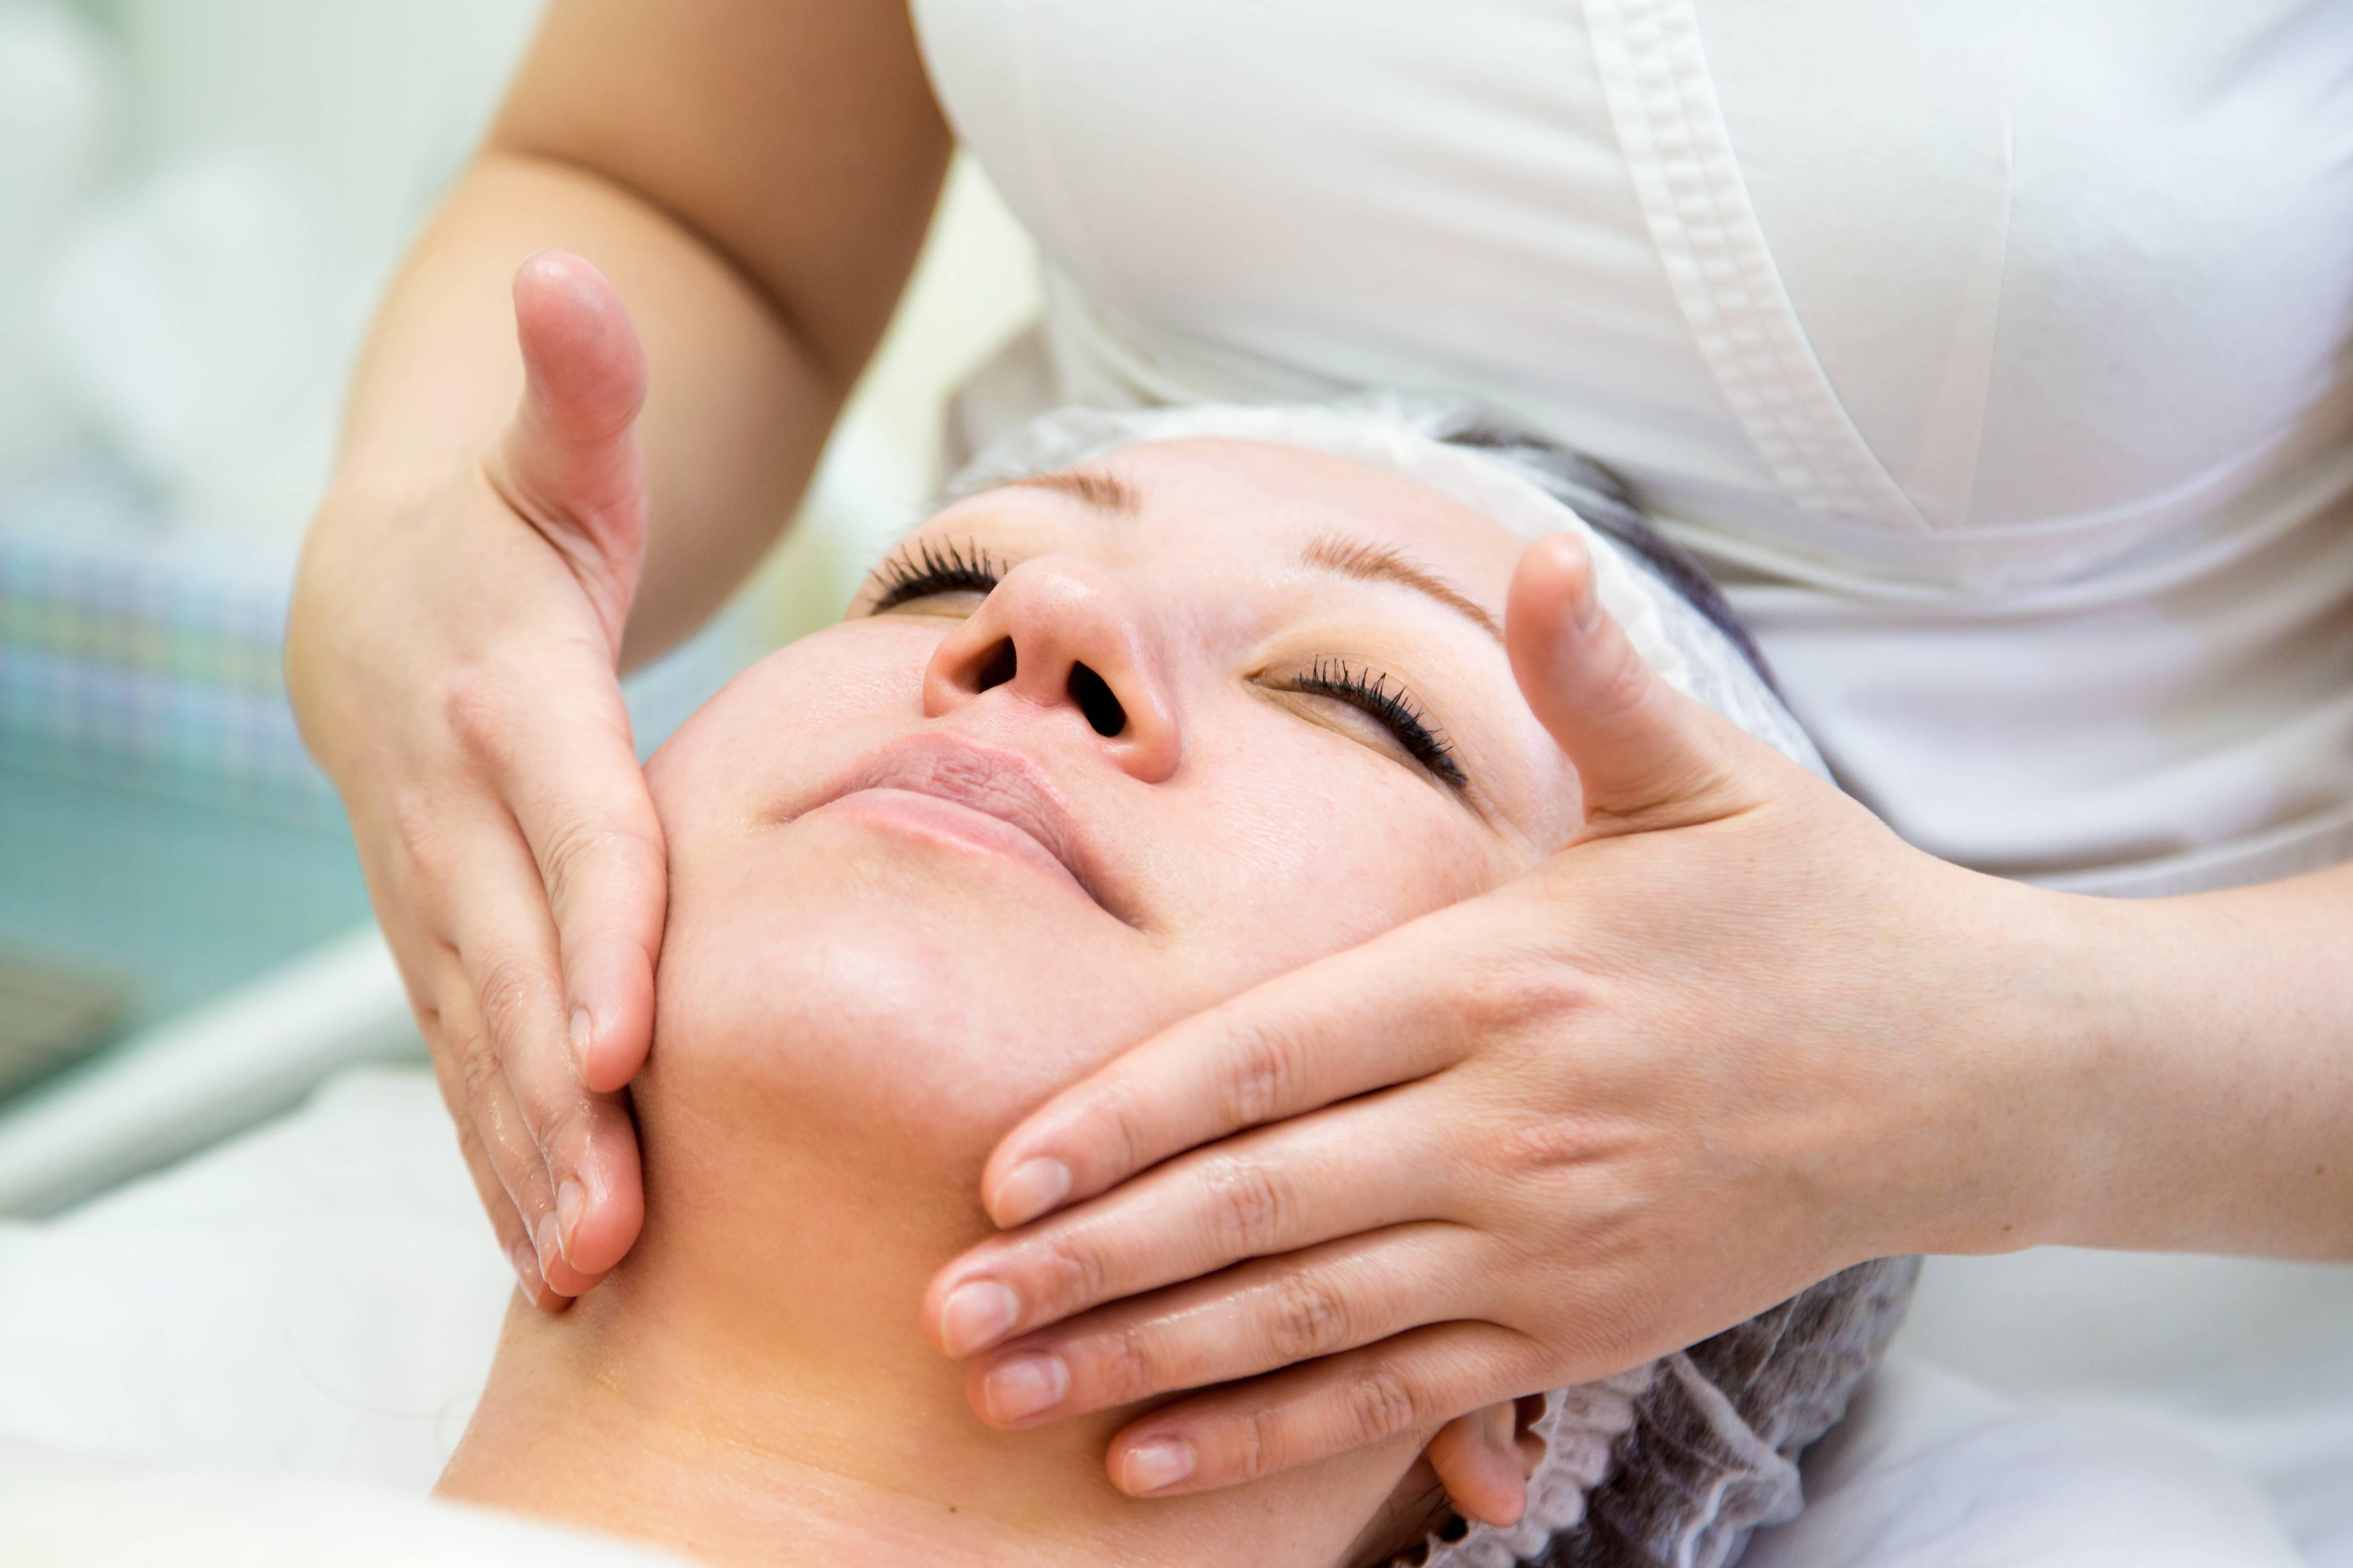 Инновационная методика омоложения лица — буккальный массаж